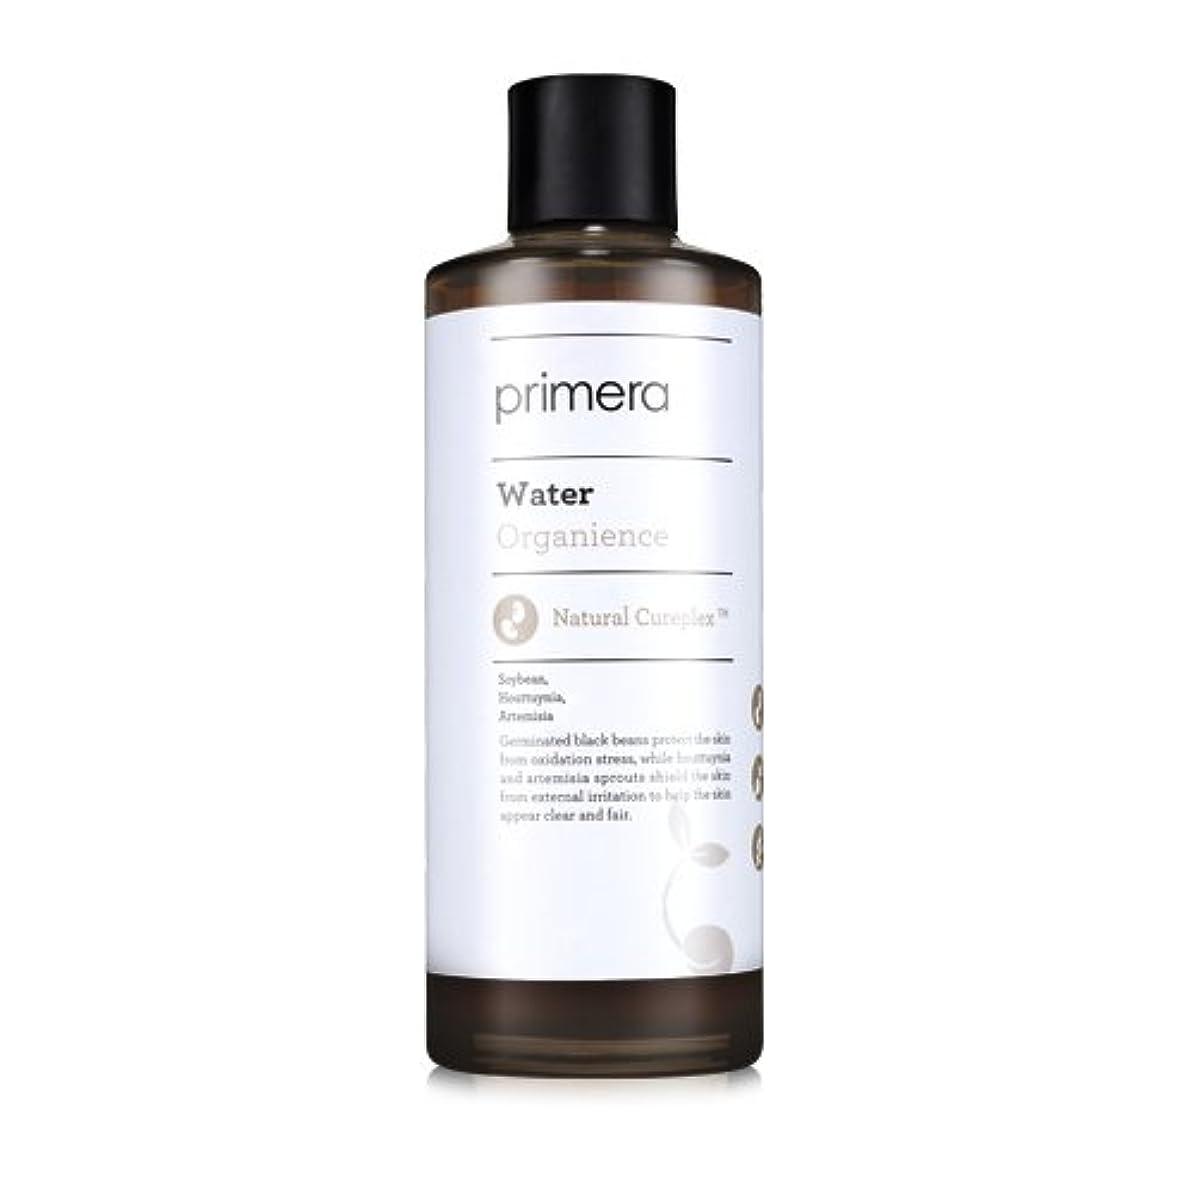 持参求める金銭的なPRIMERA プリメラ オーガニエンス ウォーター(Organience Water)化粧水 180ml